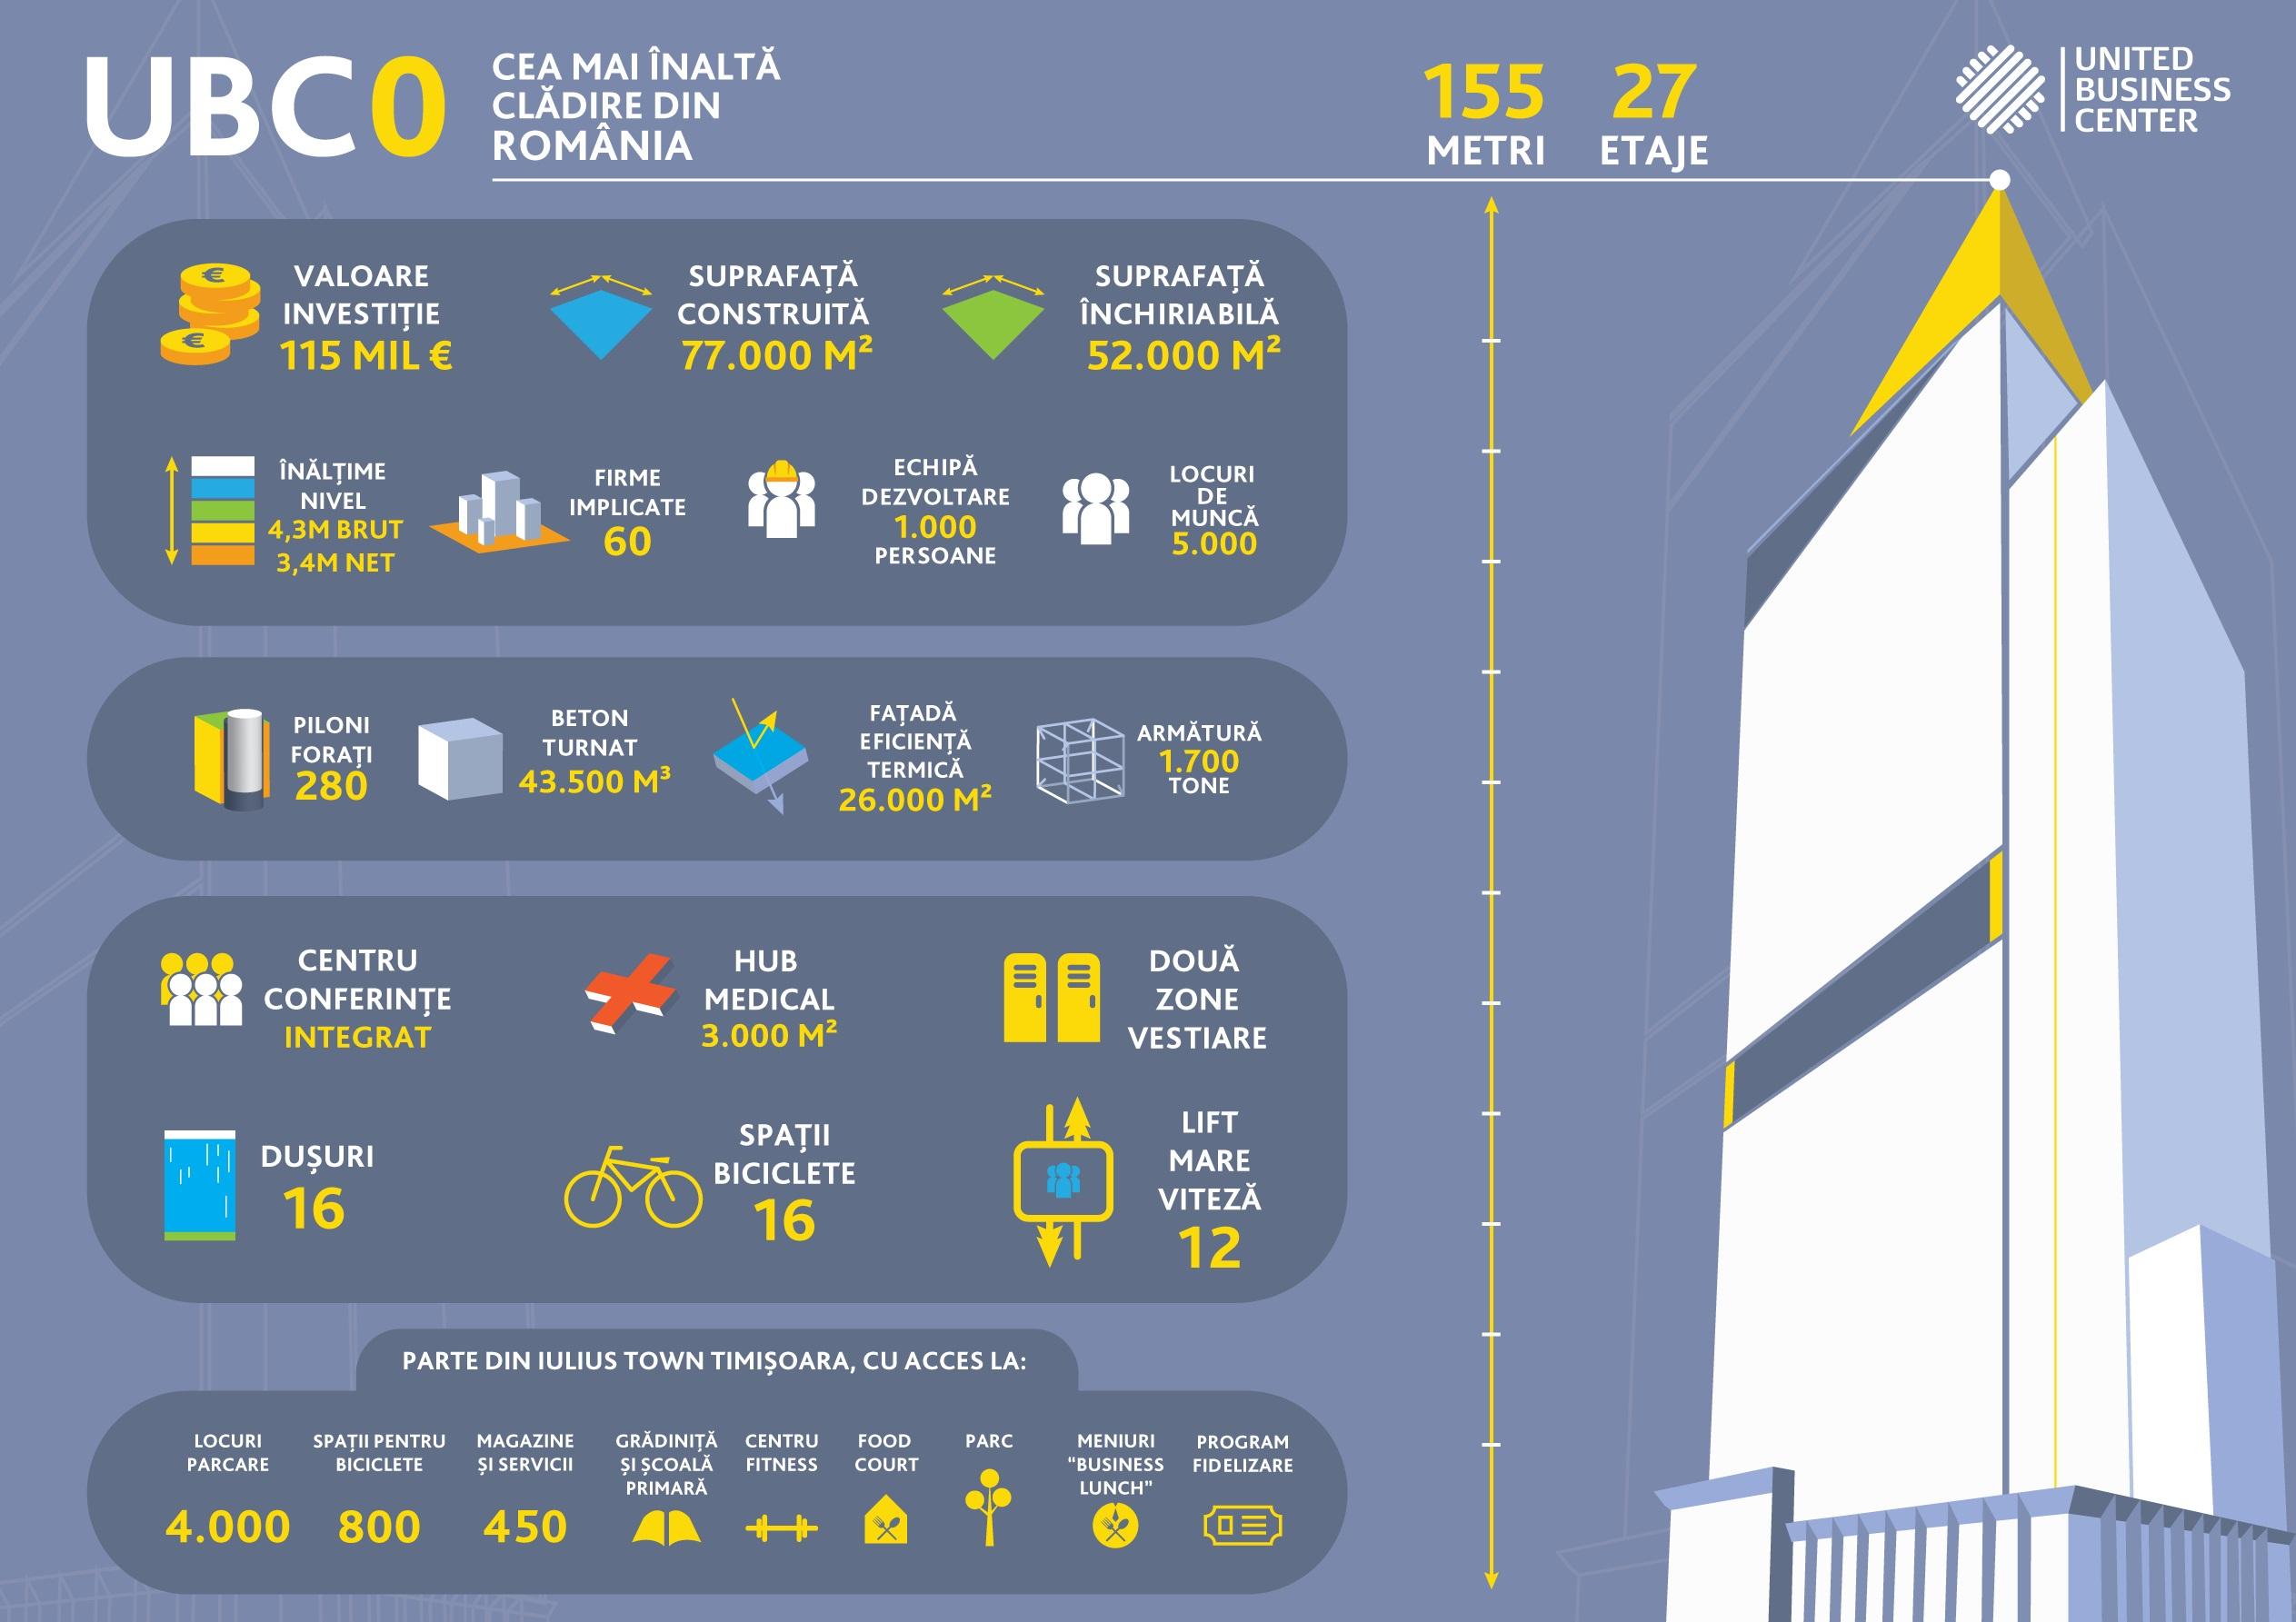 Infografic_UBC_0